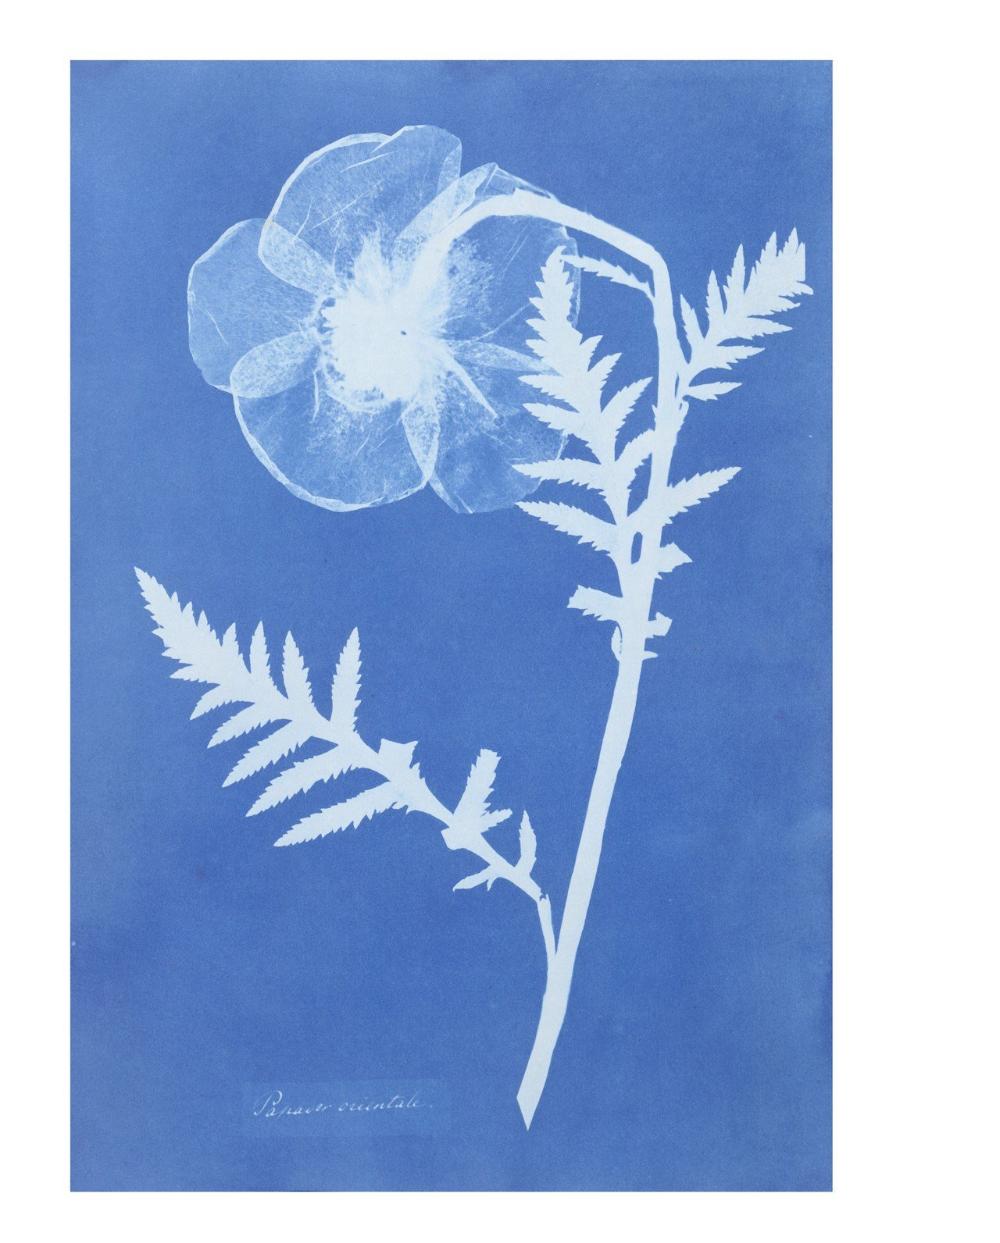 La Historia De La Fotografía Resumida En 15 Fotógrafas Famosas Desconocidas Triunfadoras Invisibilizadas Y Algunas Que Son Ya In 2020 Sun Prints Cyanotype Atkins